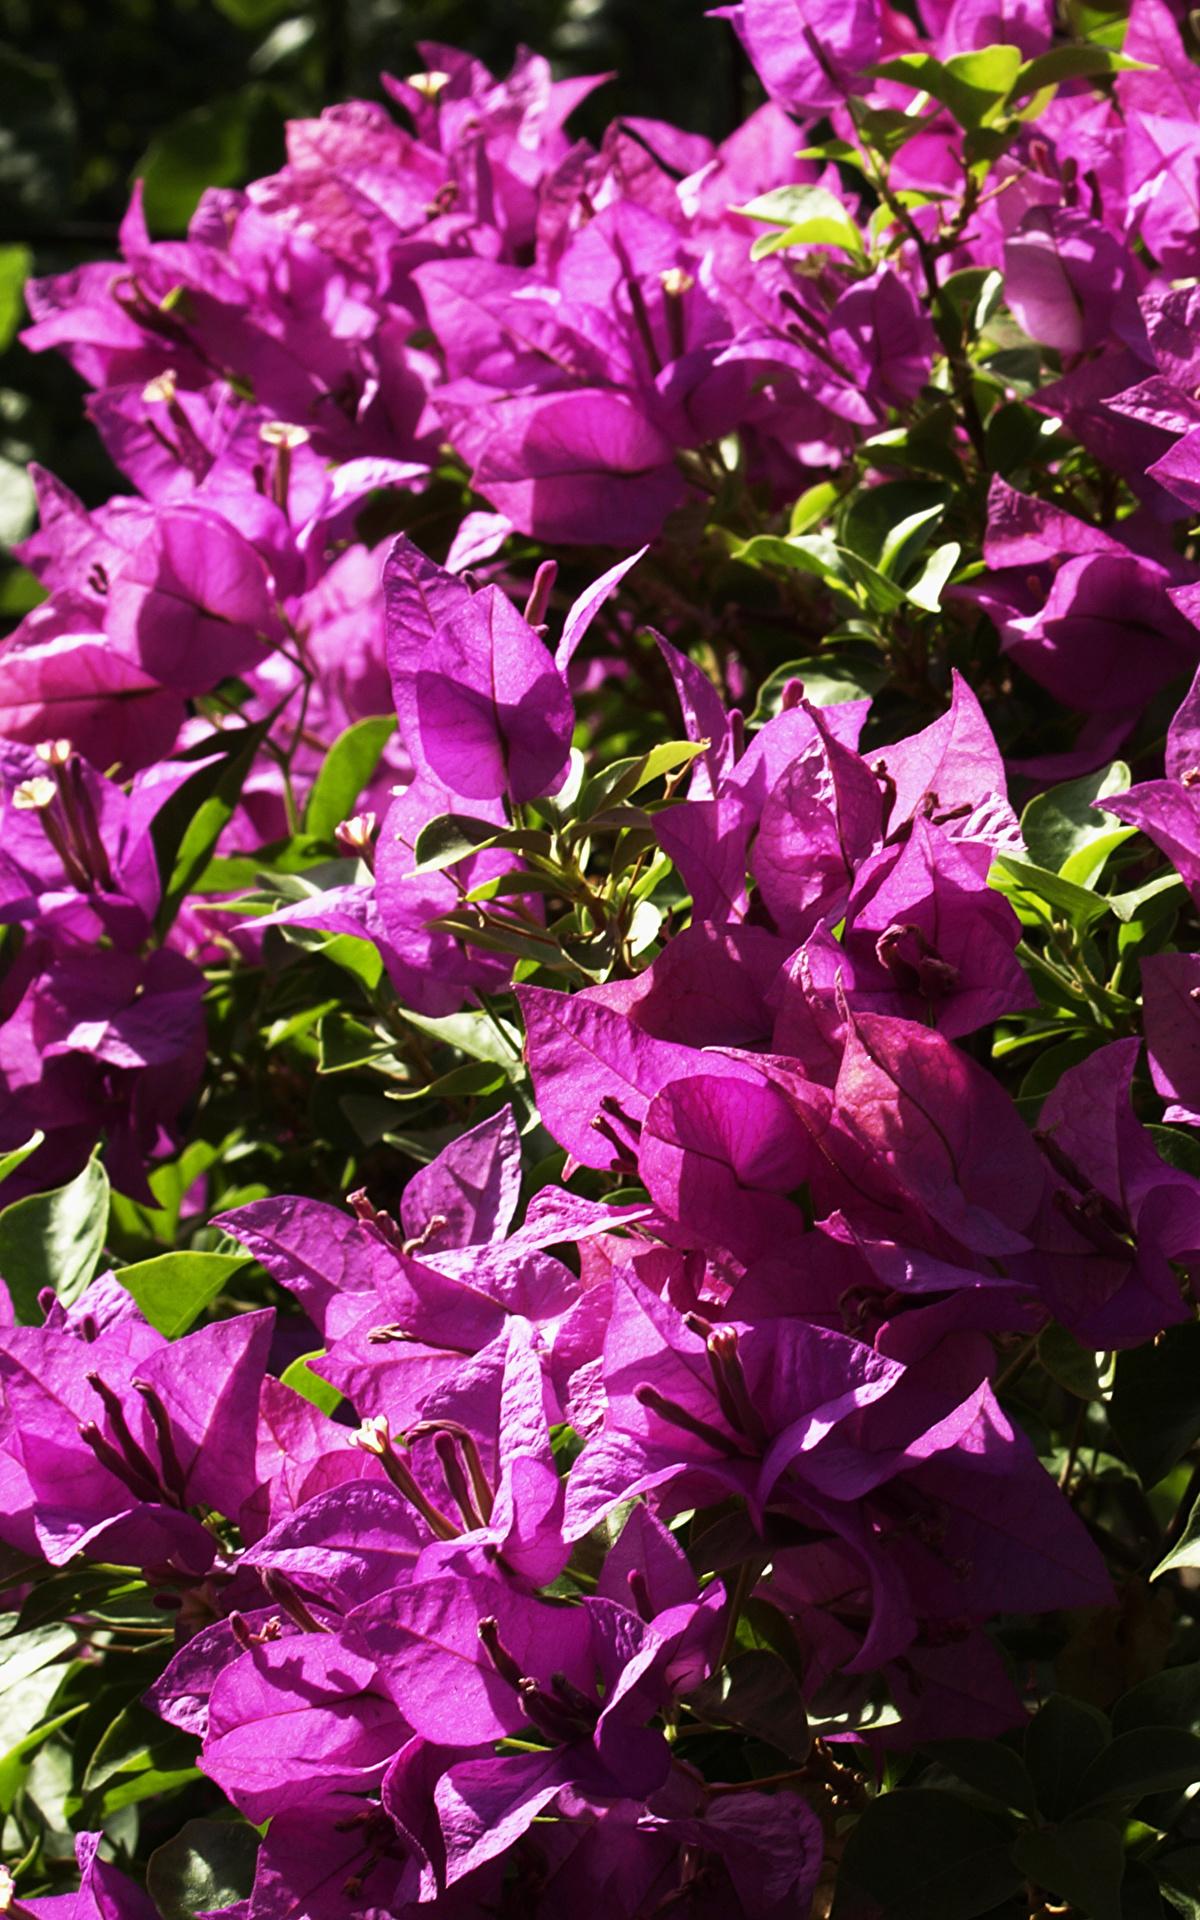 Fotos Violett Blumen Drillingsblume Großansicht 1200x1920 Bougainvillea